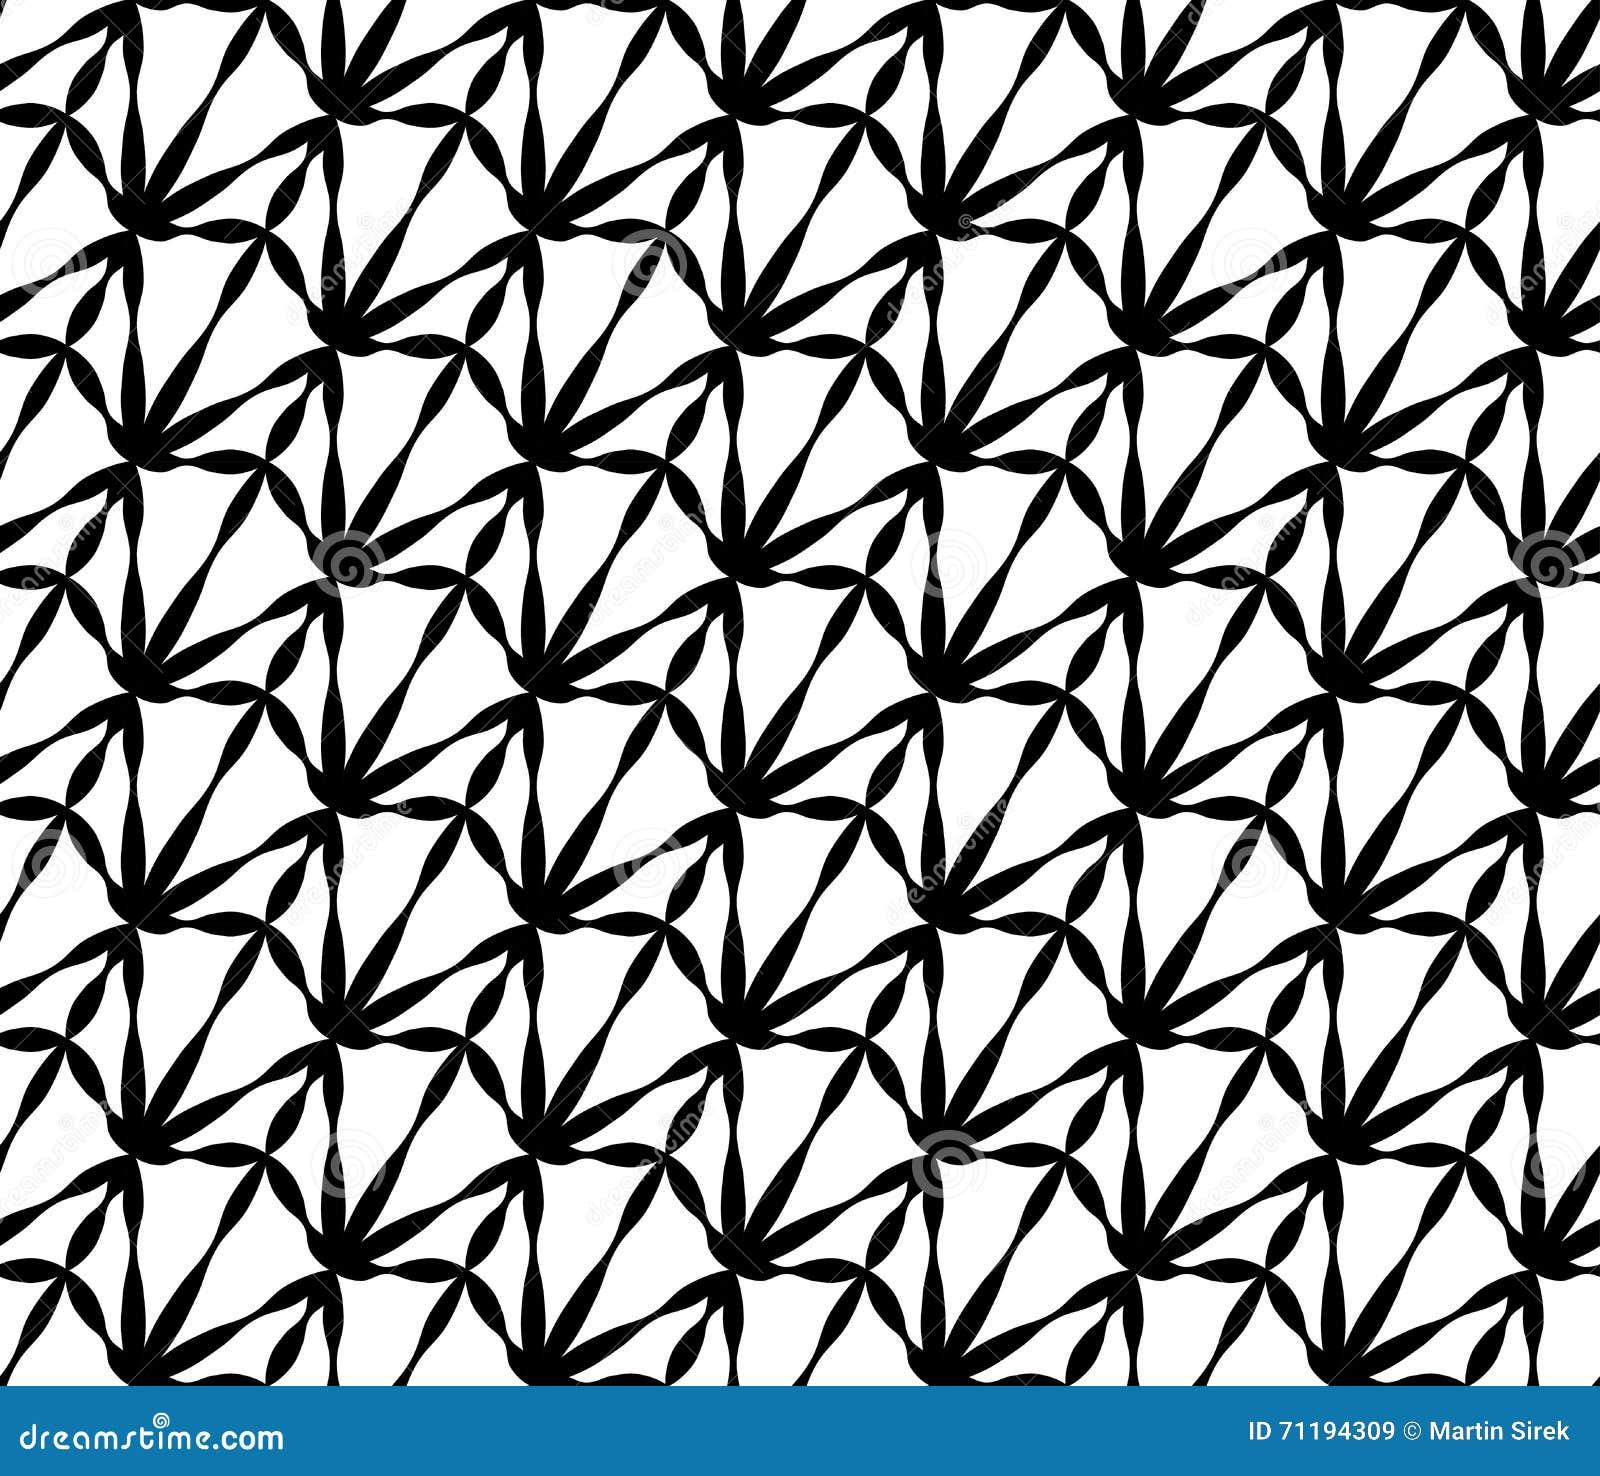 Διανυσματική σύγχρονη άνευ ραφής παράξενη, γραπτή περίληψη σχεδίων γεωμετρίας